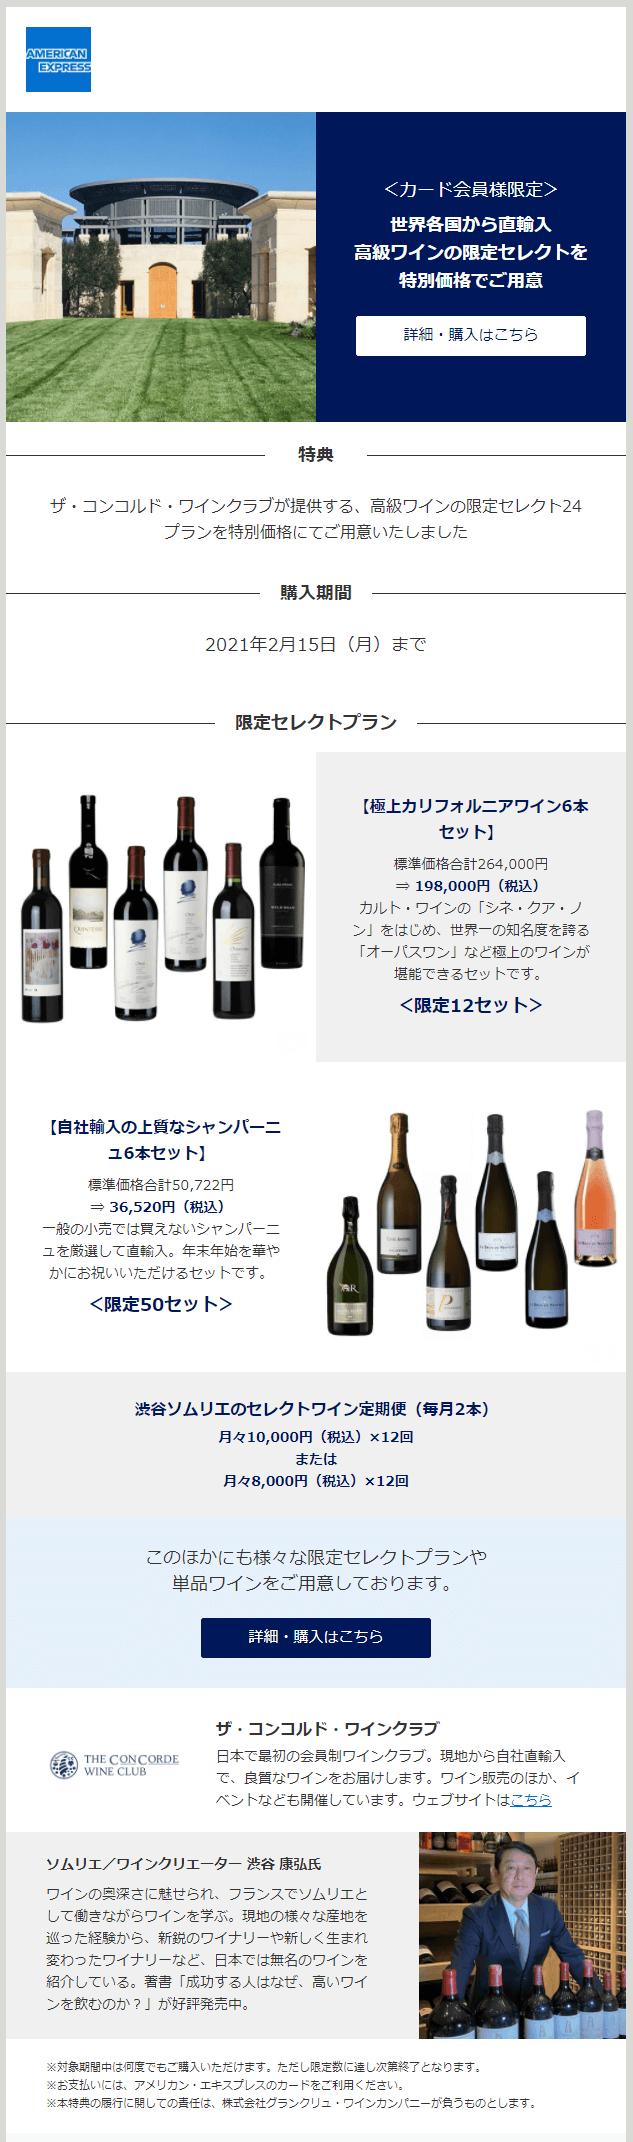 アメックス会員限定のザ・コンコルド・ワインクラブの高級ワインセット